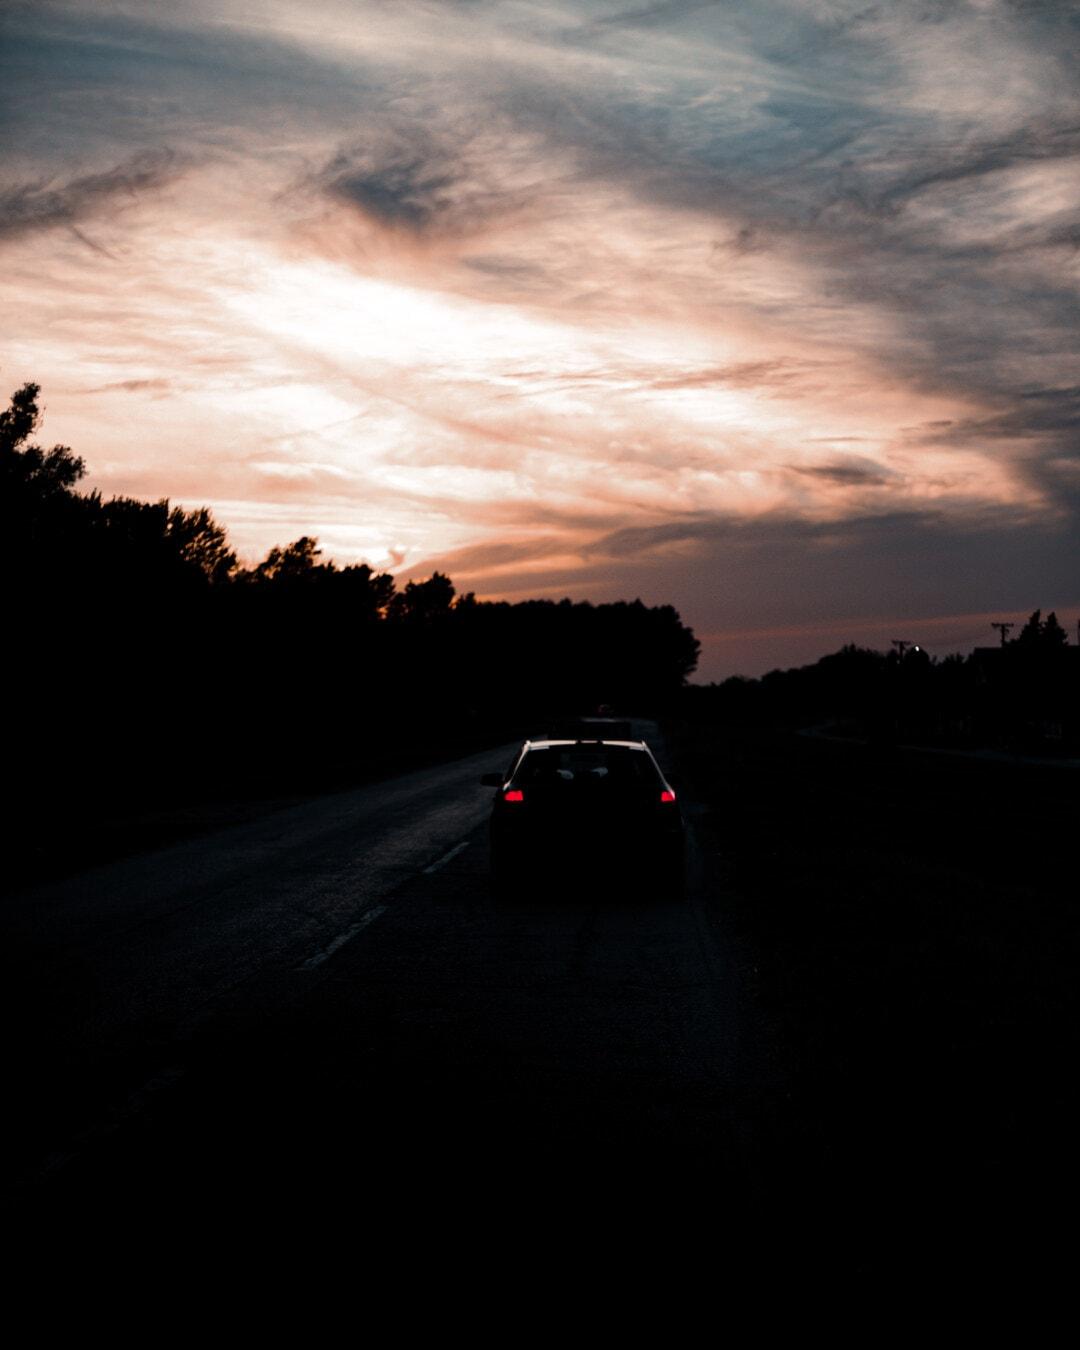 дорога, ніч, Паслін, автомобіль, Асфальт, Сутінки, Захід сонця, хмари, краєвид, Автострада